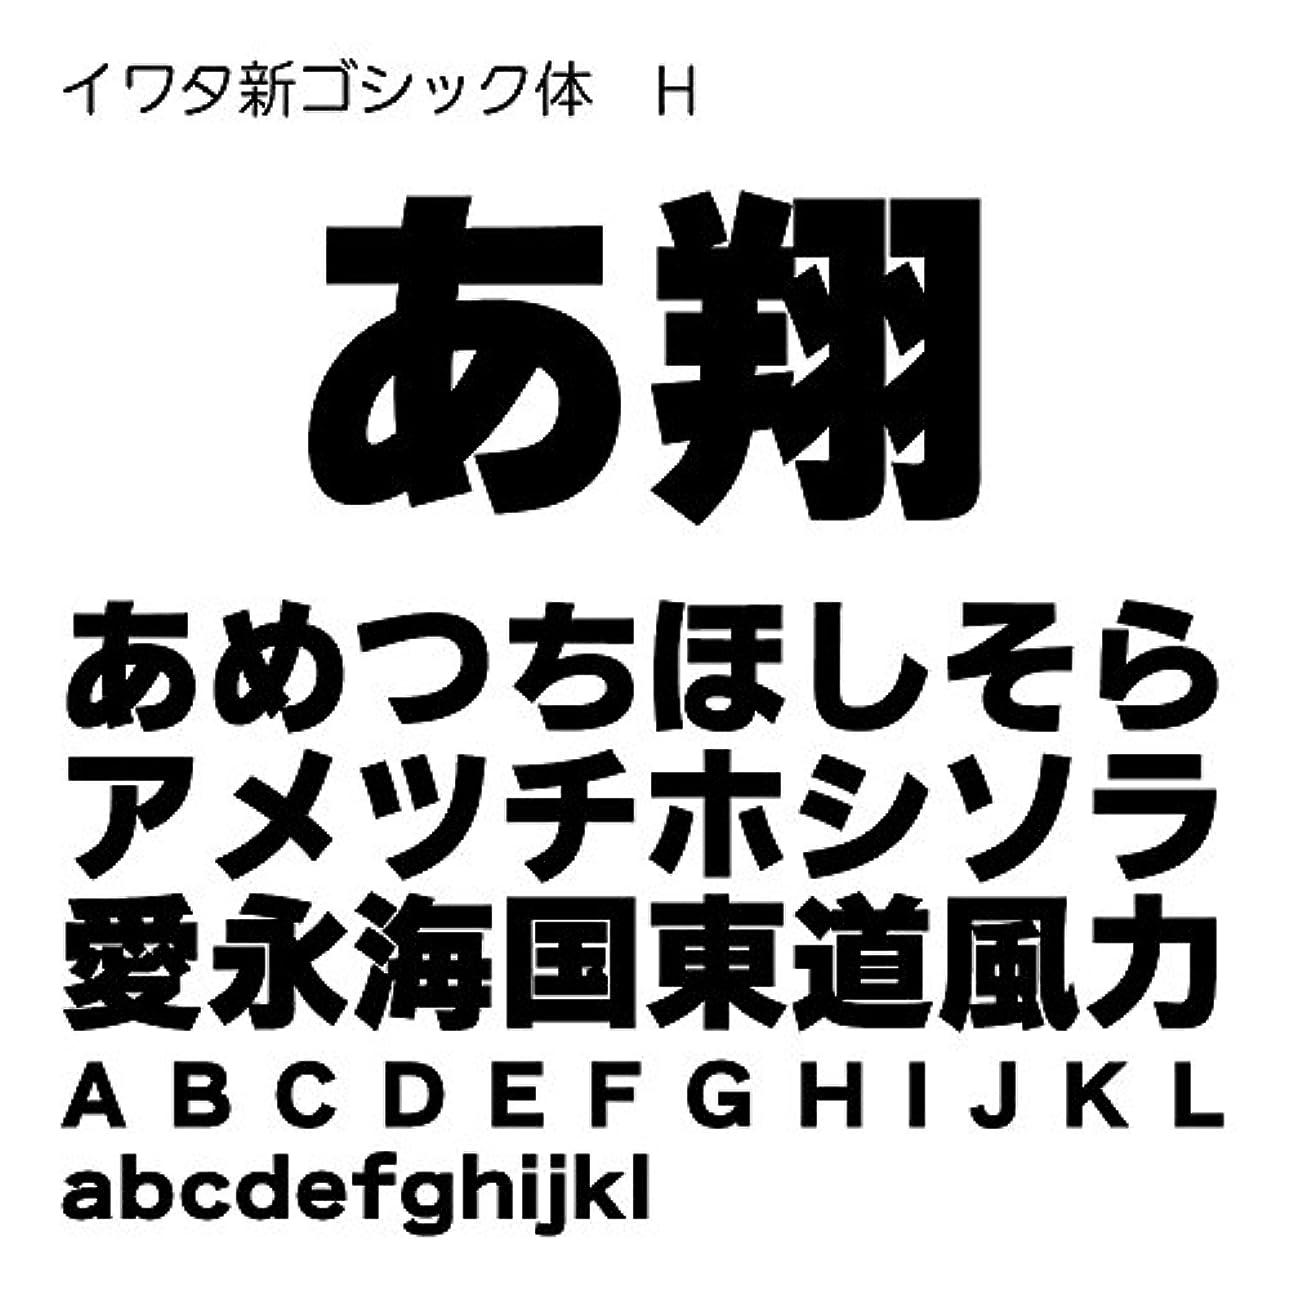 入場料茎薬剤師イワタ新ゴシック体H Pro OpenType Font for Windows [ダウンロード]